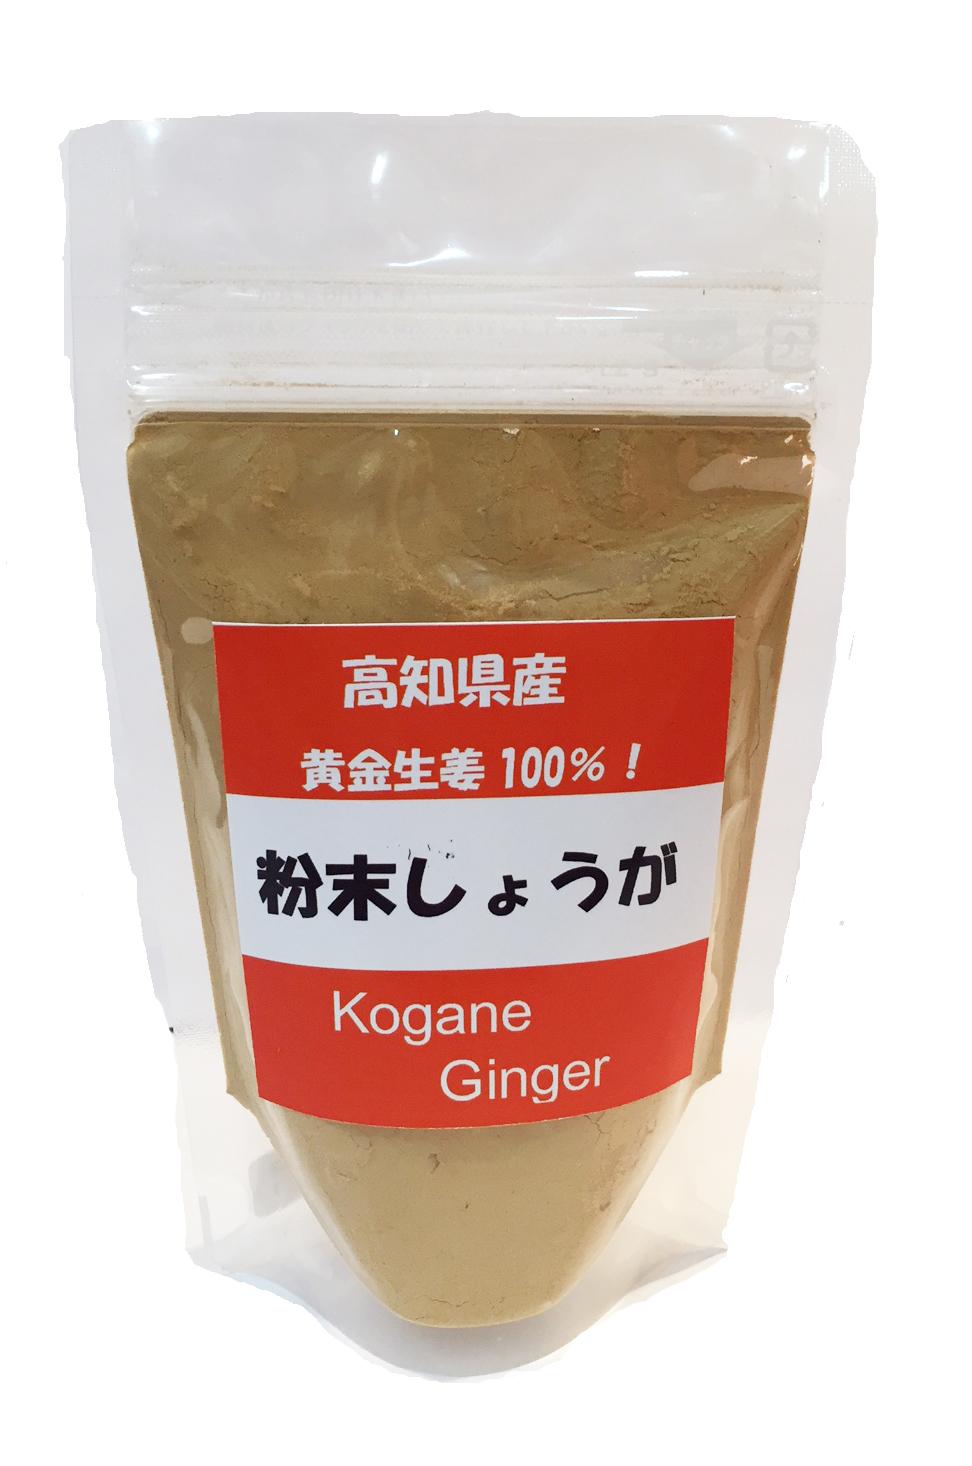 【期間限定30%OFF】粉末しょうが 高知県産 黄金しょうが 粉末パウダー【50g】 生姜